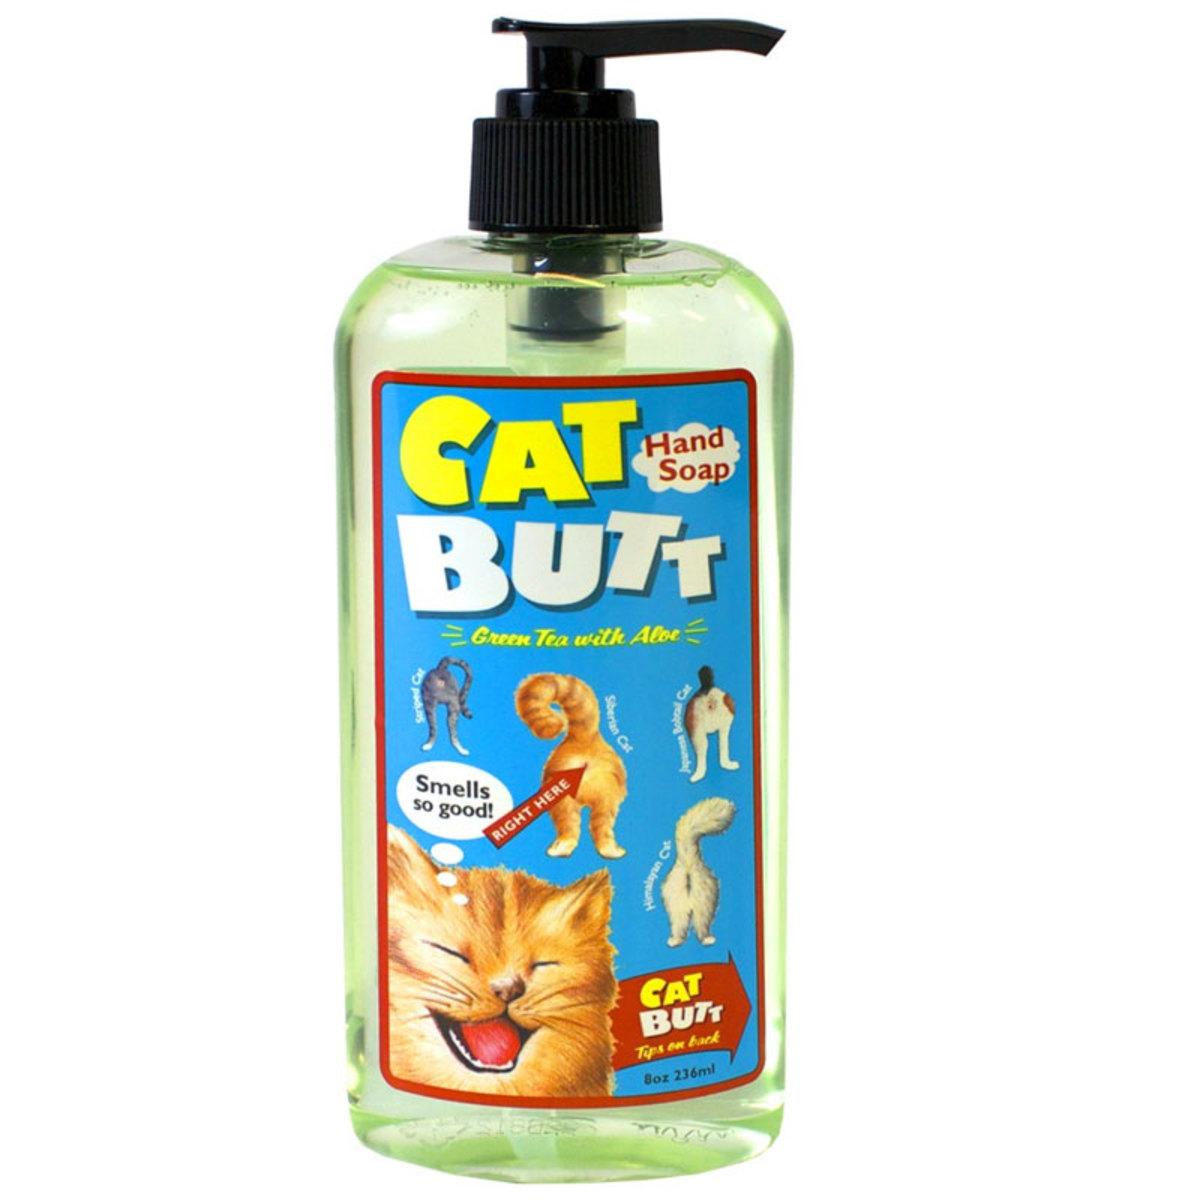 Cat Butt Hand Soap